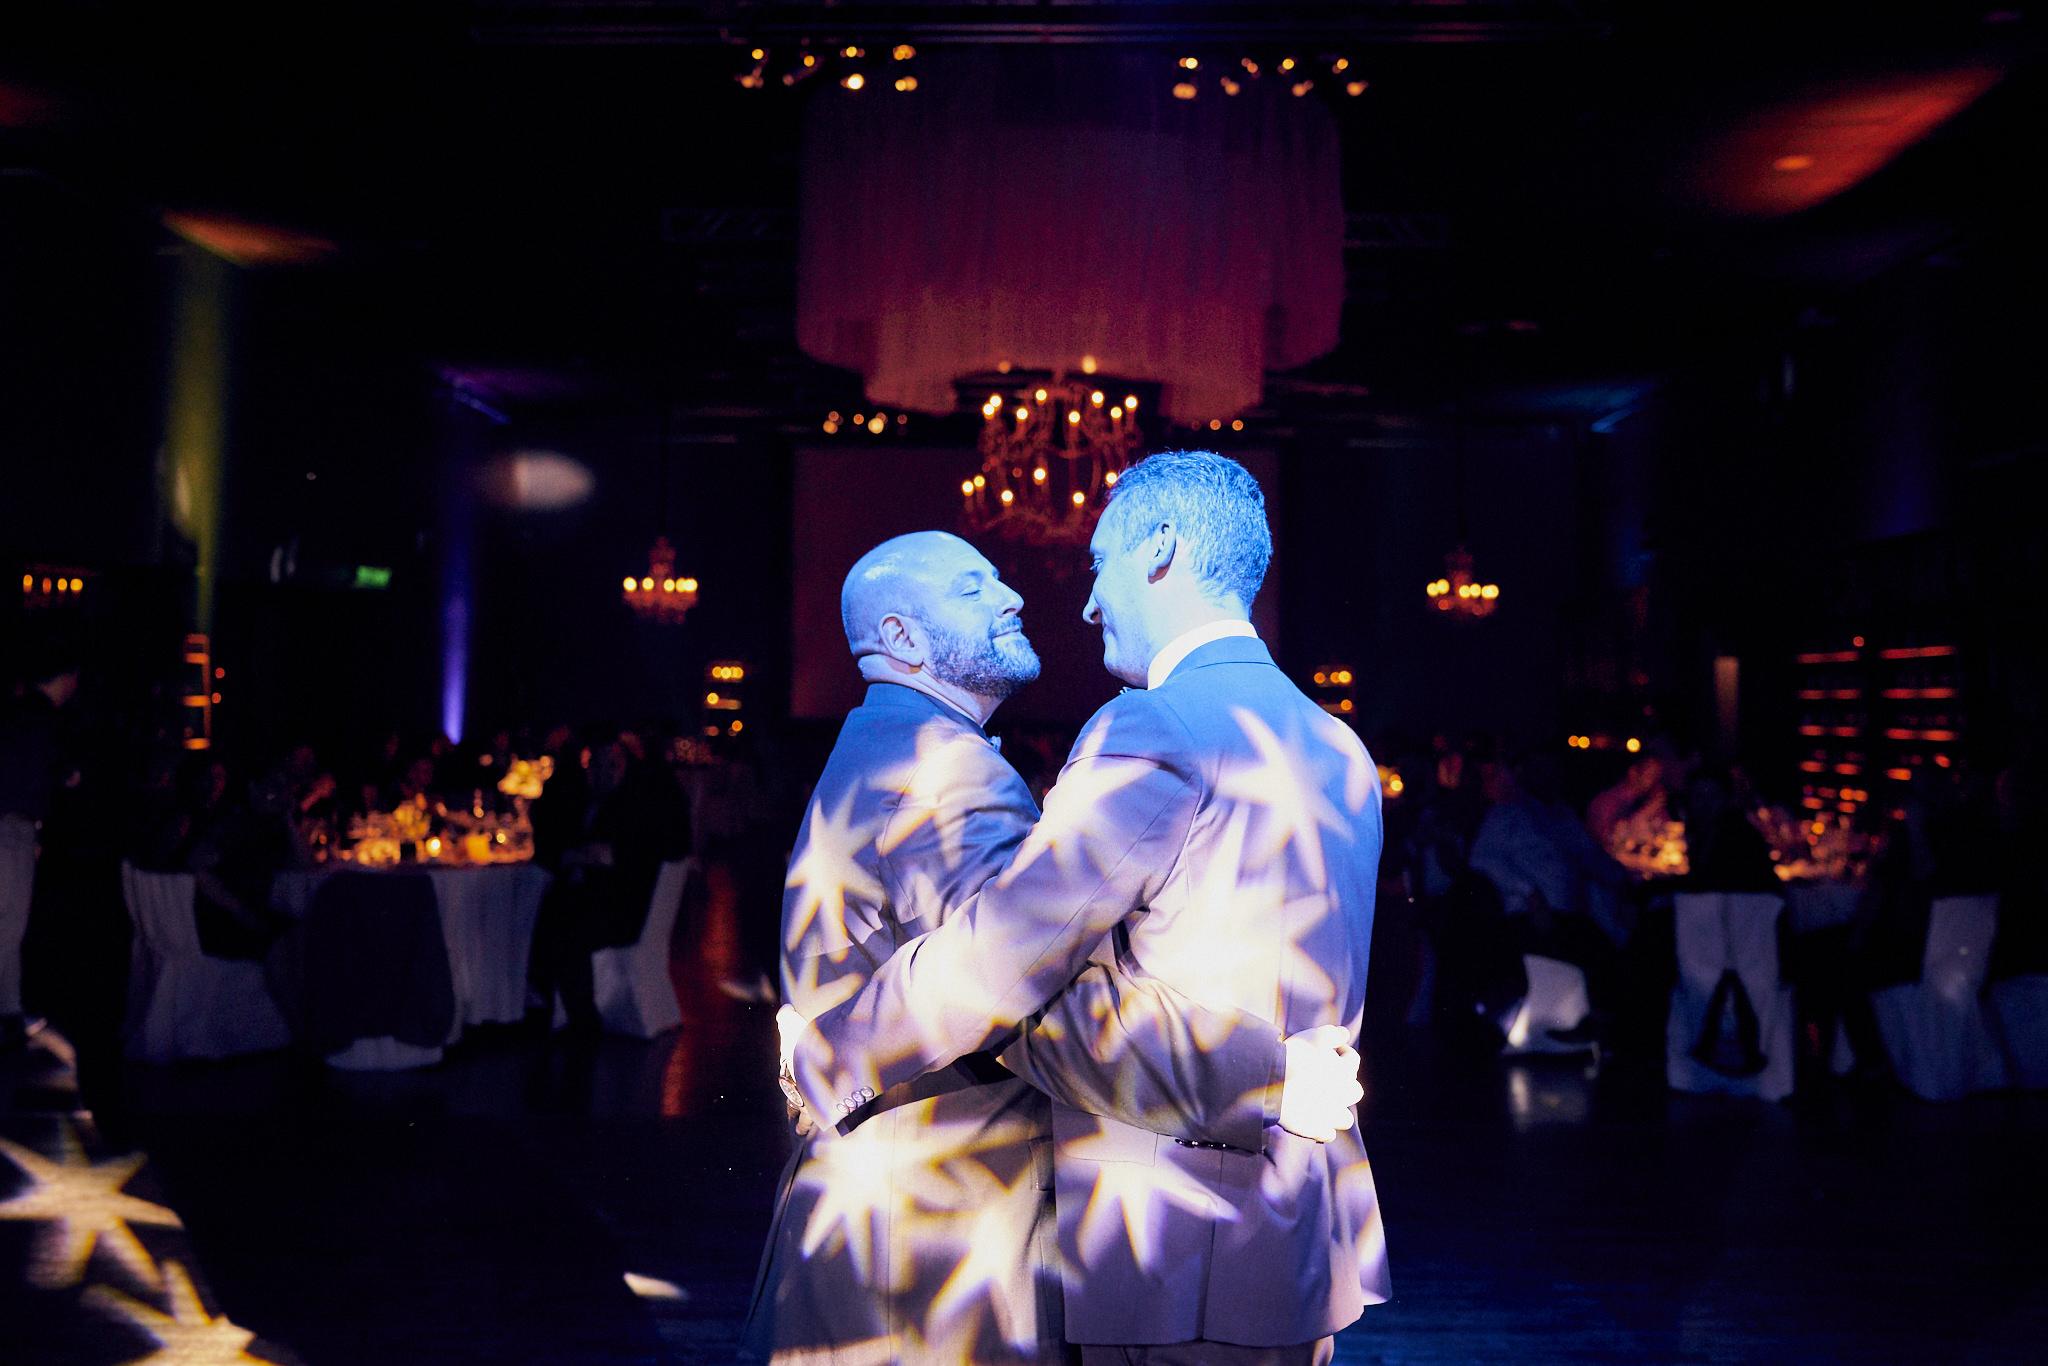 52 Fotografo de Bodas Gays Igualitarias LME05812.jpg